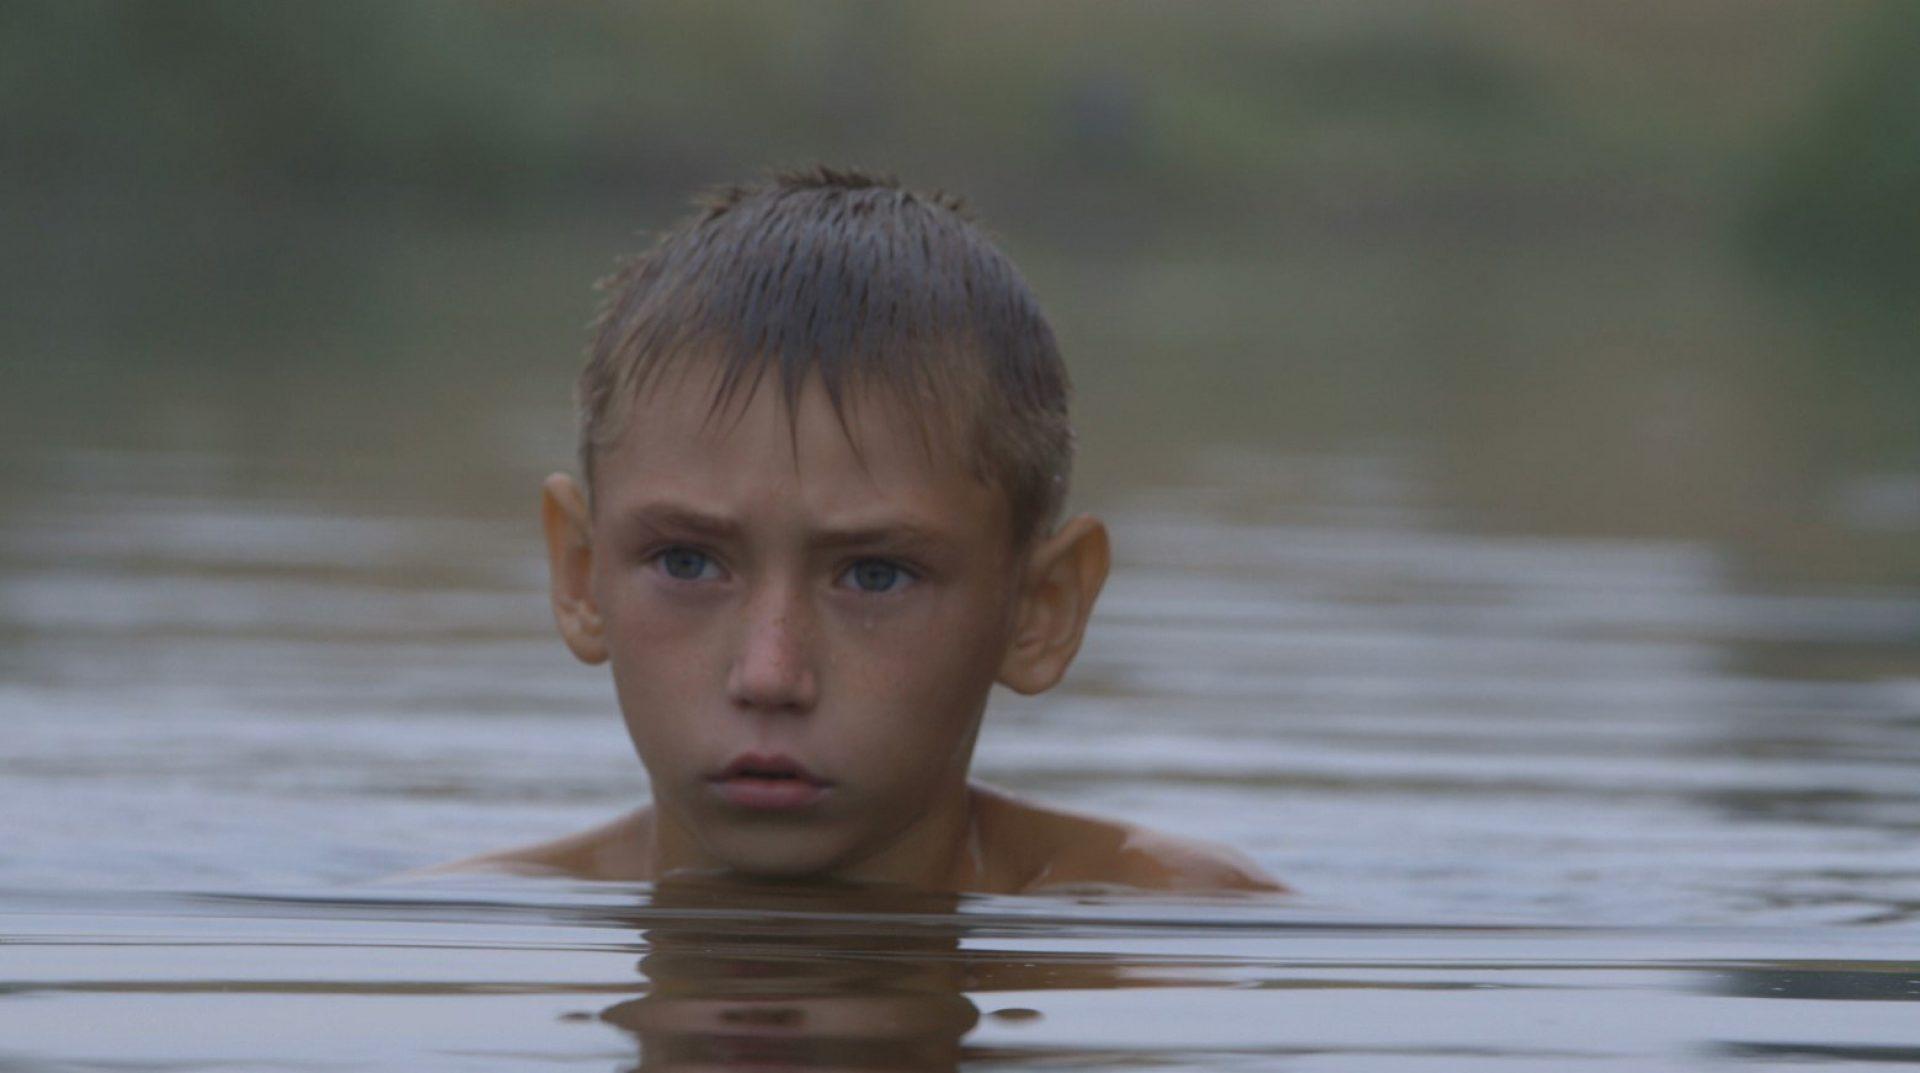 Украинские киноитоги 2018 года: двойной прокат, ремейки и Слабошпицкий в Голливуде